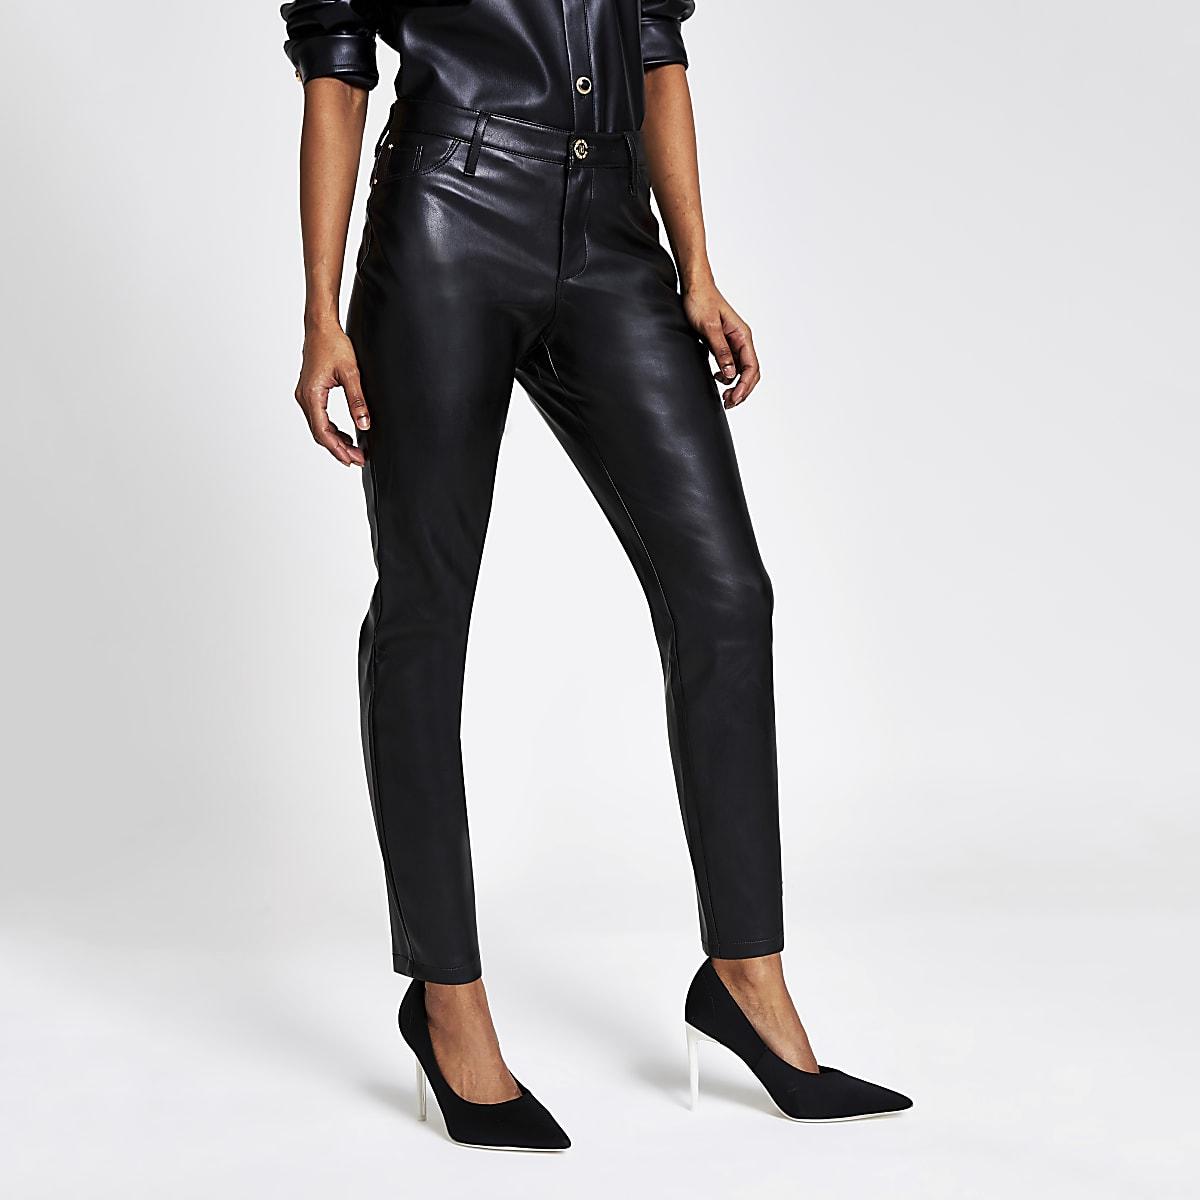 Petite –Molly – Pantalons noirs en cuir synthétique